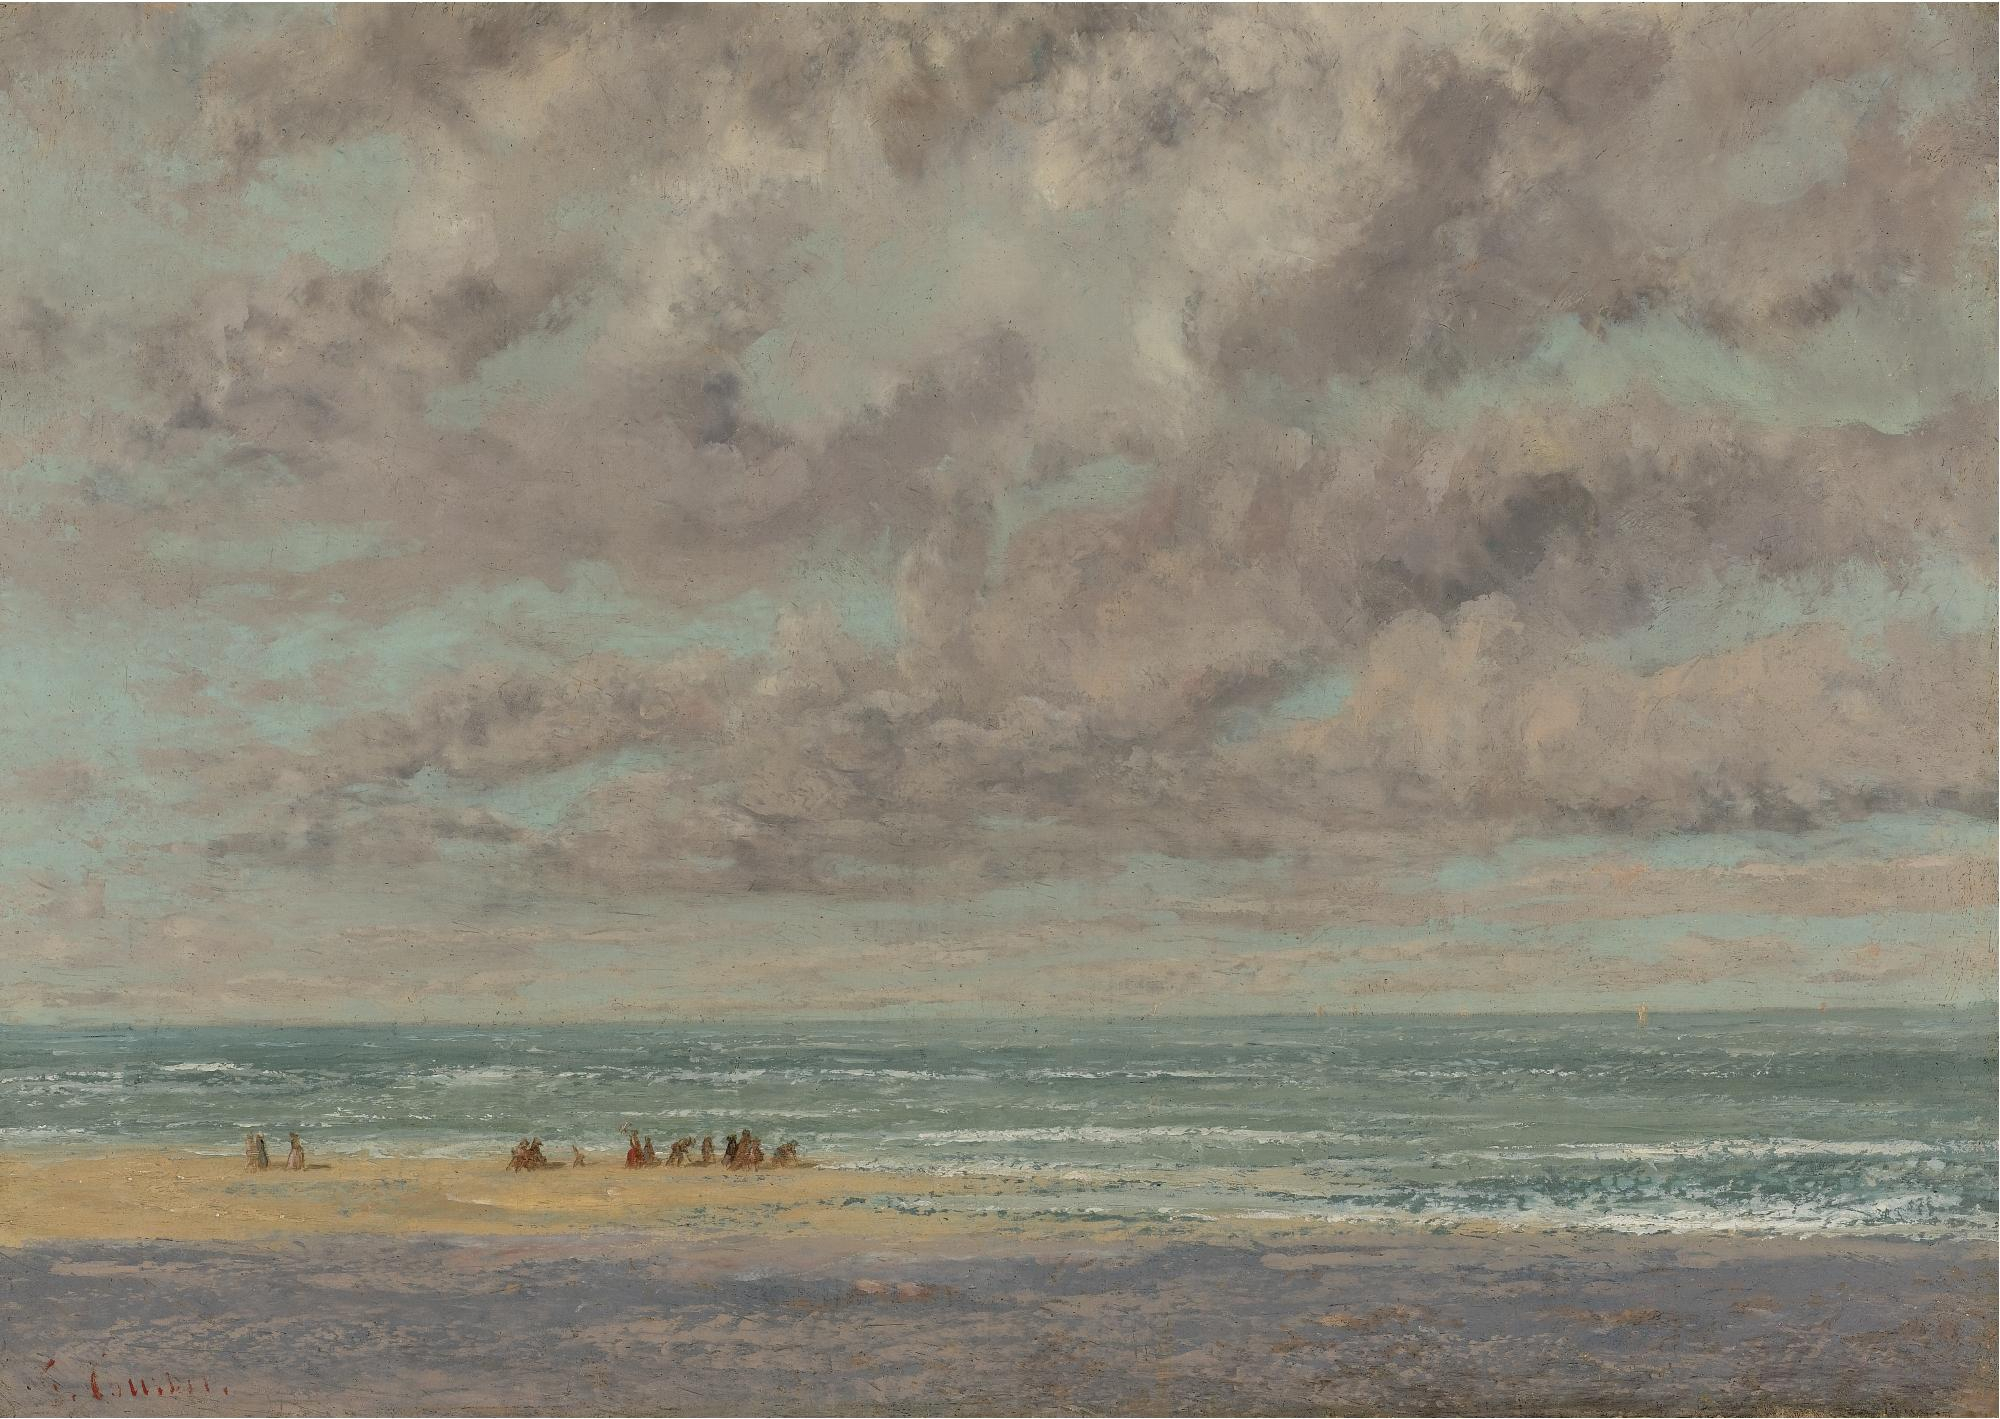 marine painter